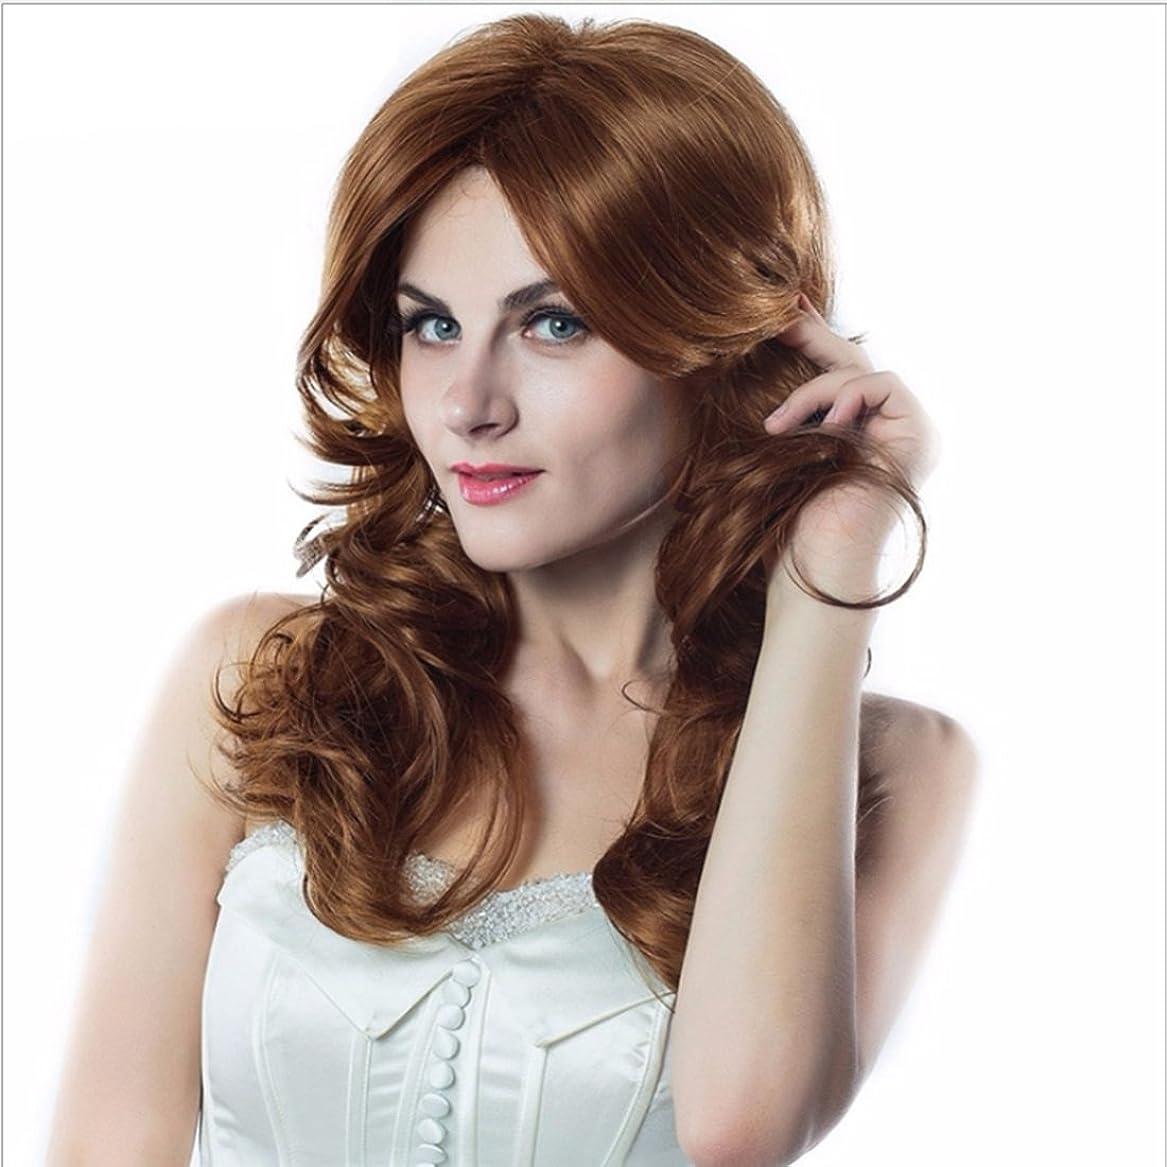 ありそう安定したチーターHOHYLLYA 女性のかつらのための長い大きな波状の巻き毛のかつら自然色ゴールド斜め前髪かつらコスプレかつら45センチファッションかつら (色 : ゴールド)